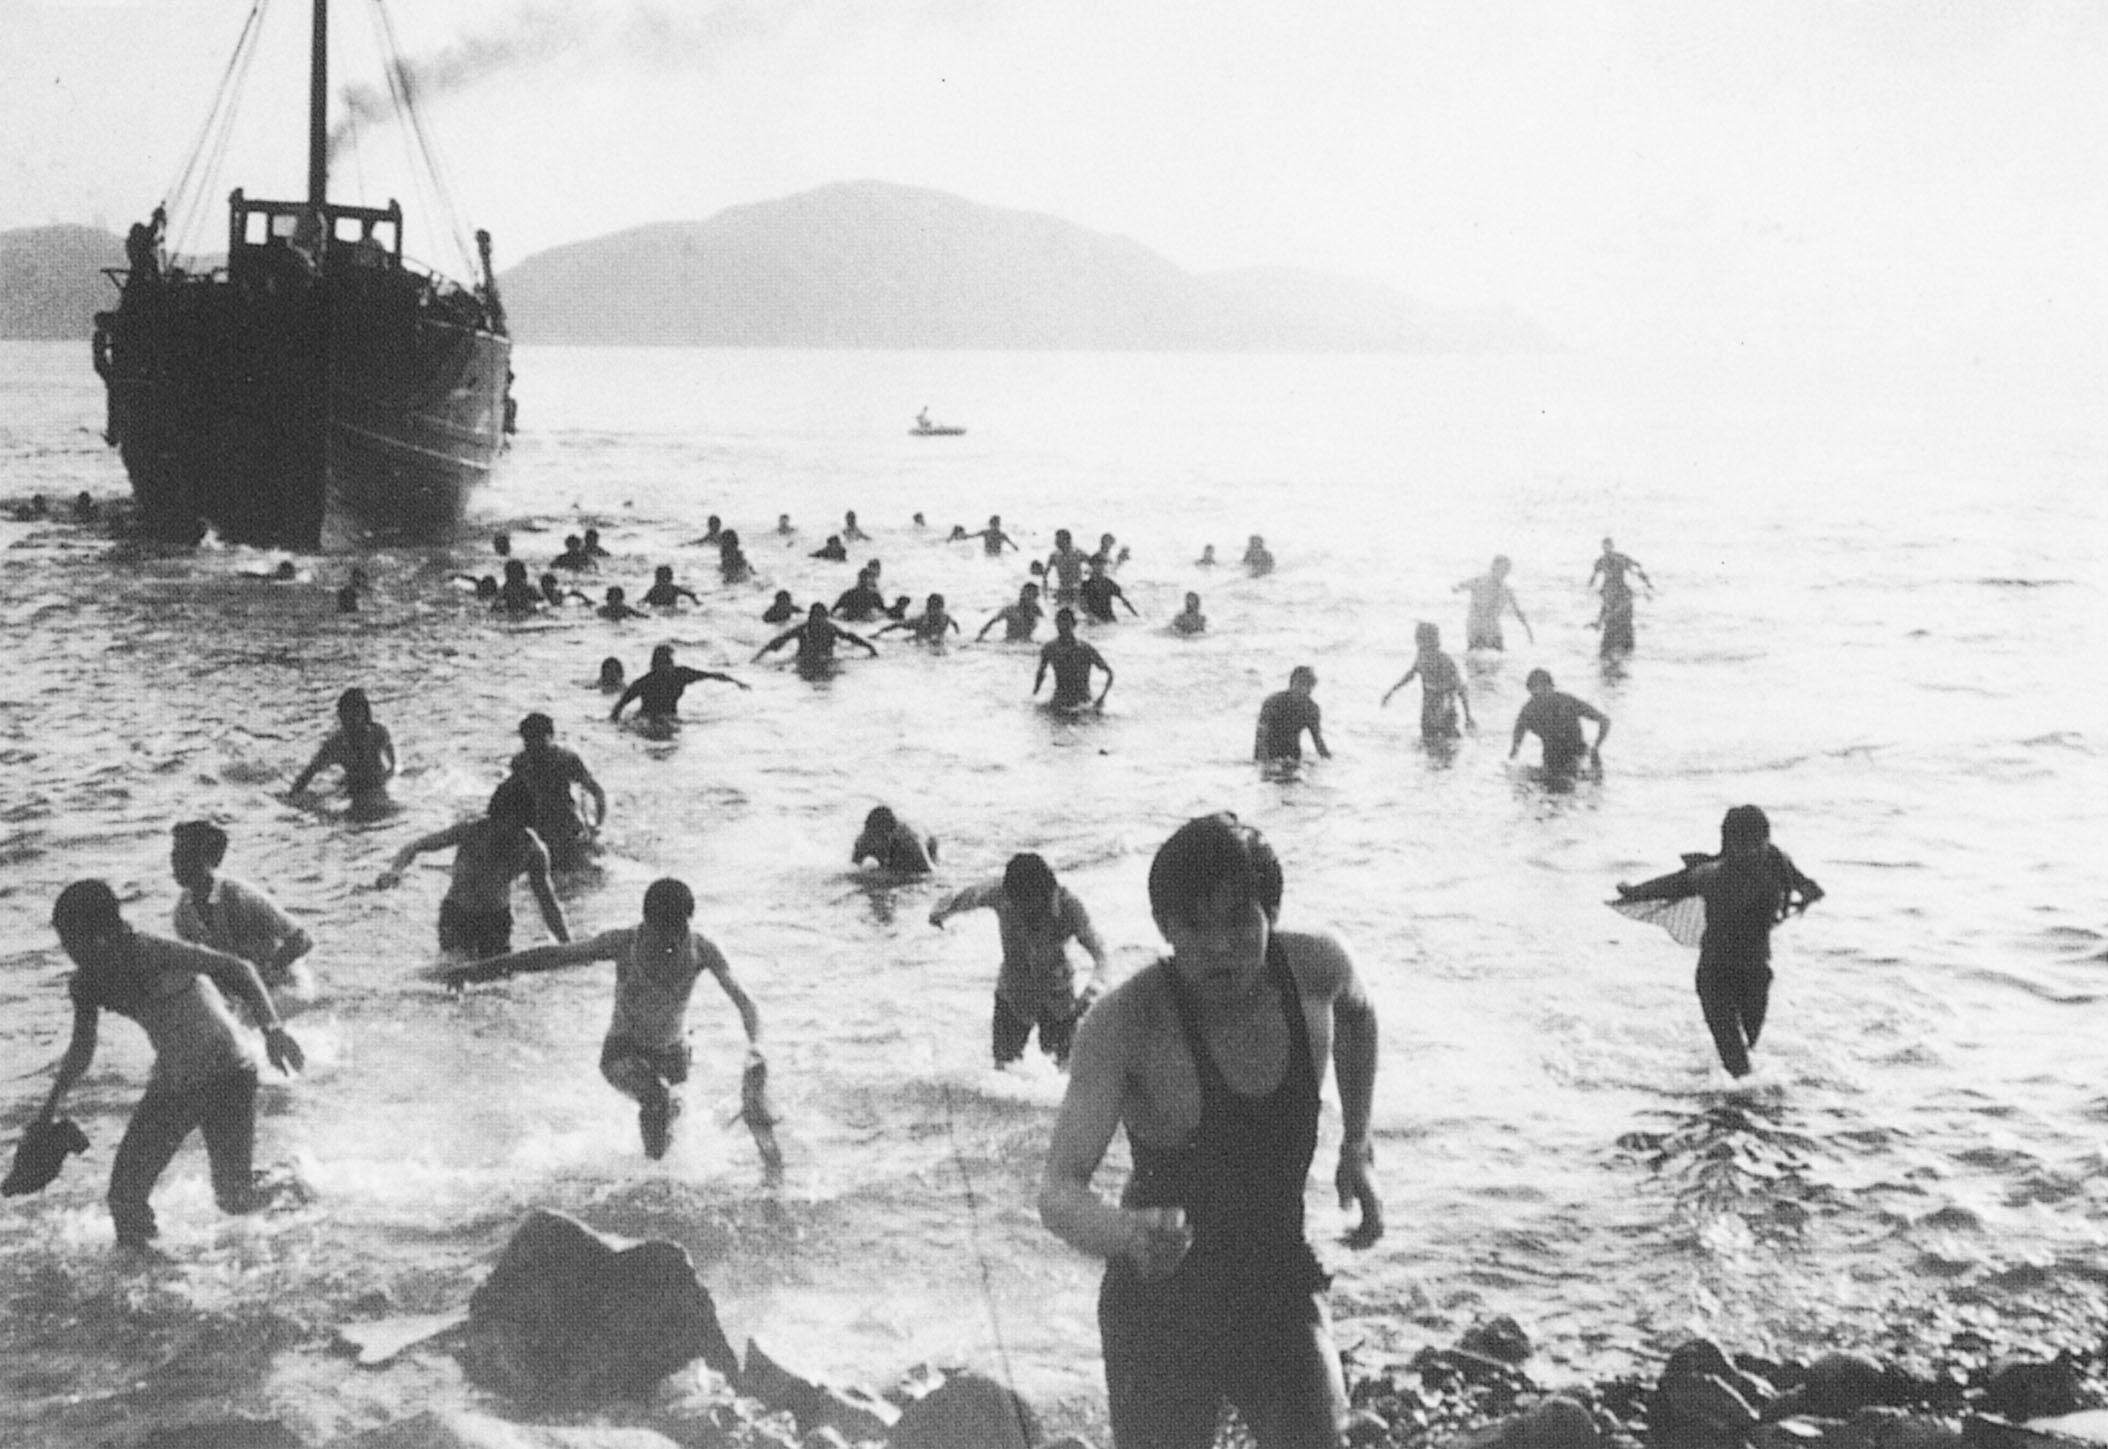 民國51年(1962),爆發大陸五月難民逃亡潮,數以萬計的饑民湧現香港邊境, 有從水路奔向自由的難胞,船未抵埠即泅泳上岸。